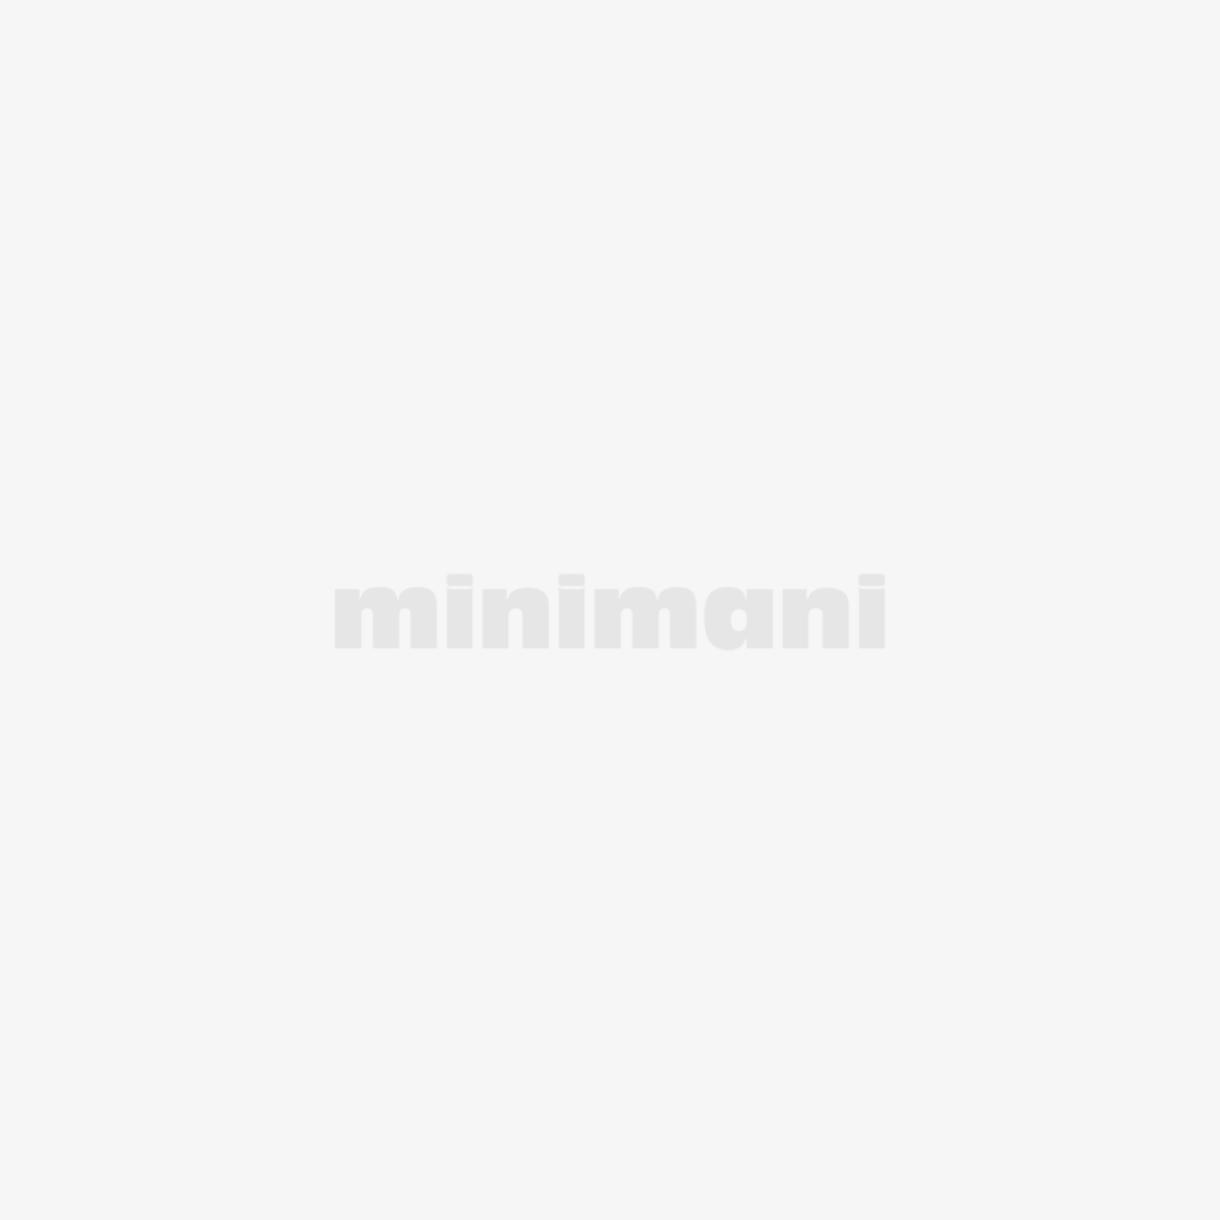 RIIMUNVARSI PUUVILLAA MESSINKI LUKKO- 2,5 M, MUSTA